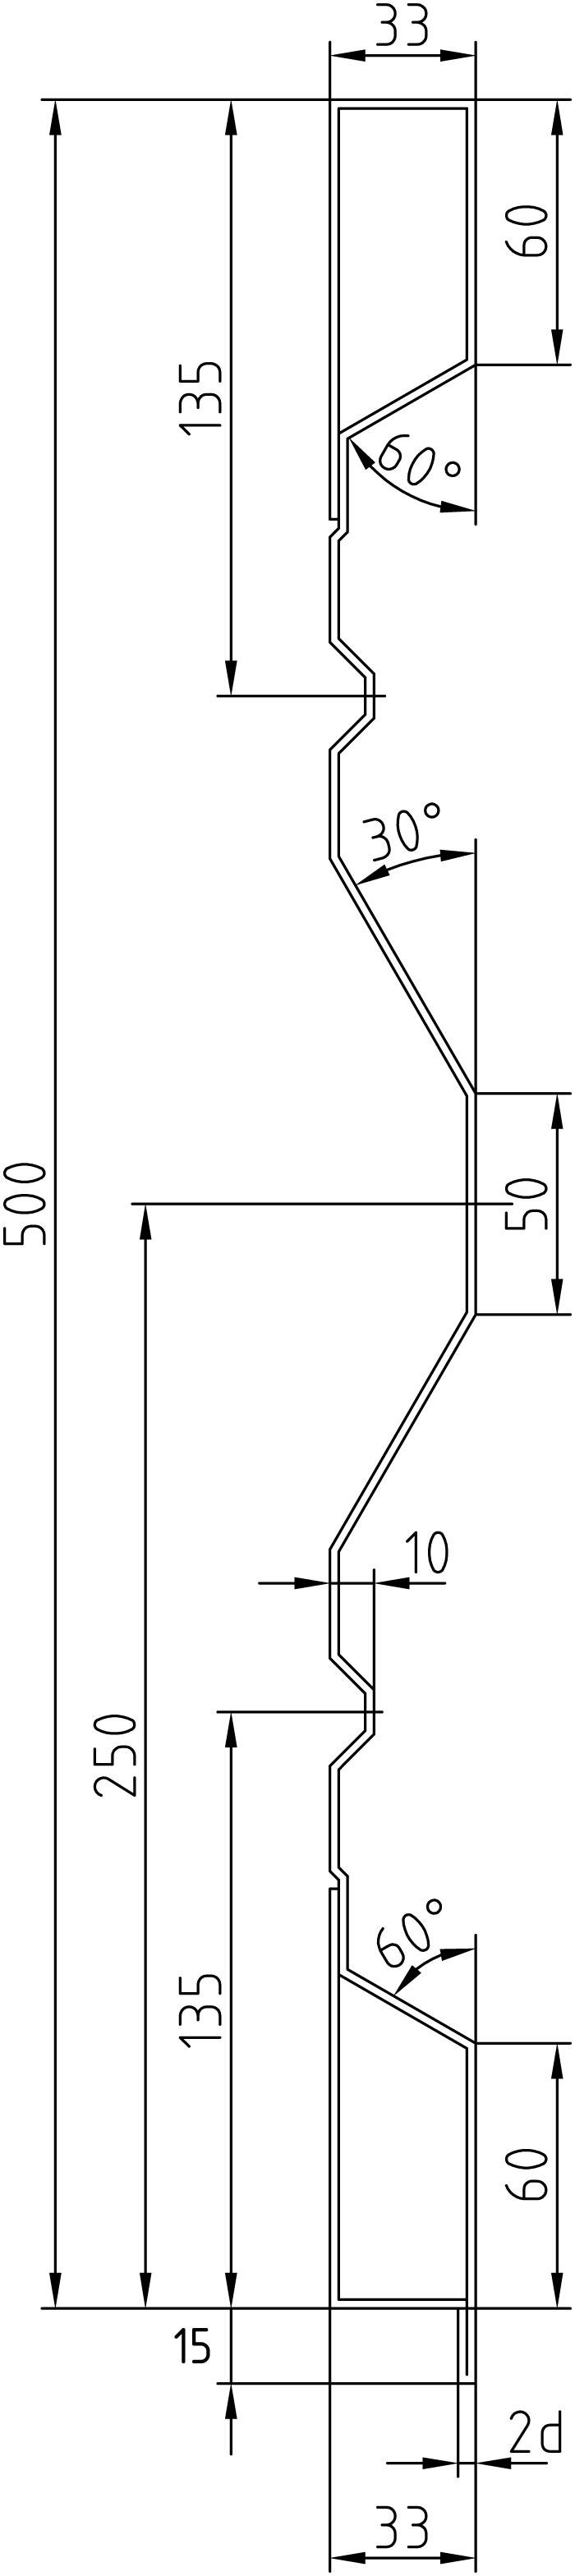 Brantner Kipper und Anhänger - 500x2x2375 rear sideboard with trailing edges